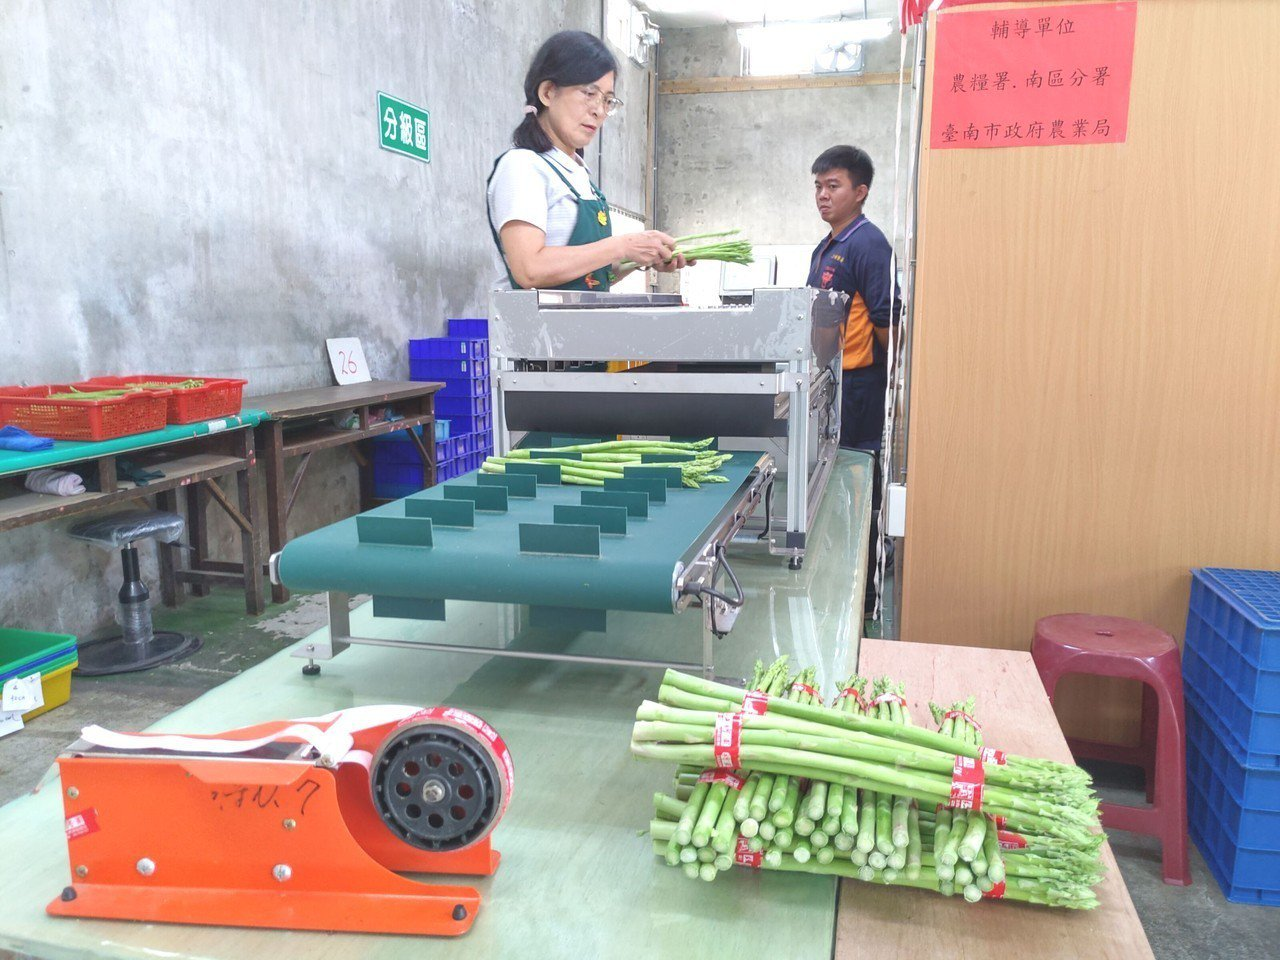 農糧署南區分署輔導台南市將軍區農會自國外引進全台第一台蘆筍組合計量機,今天在將軍...